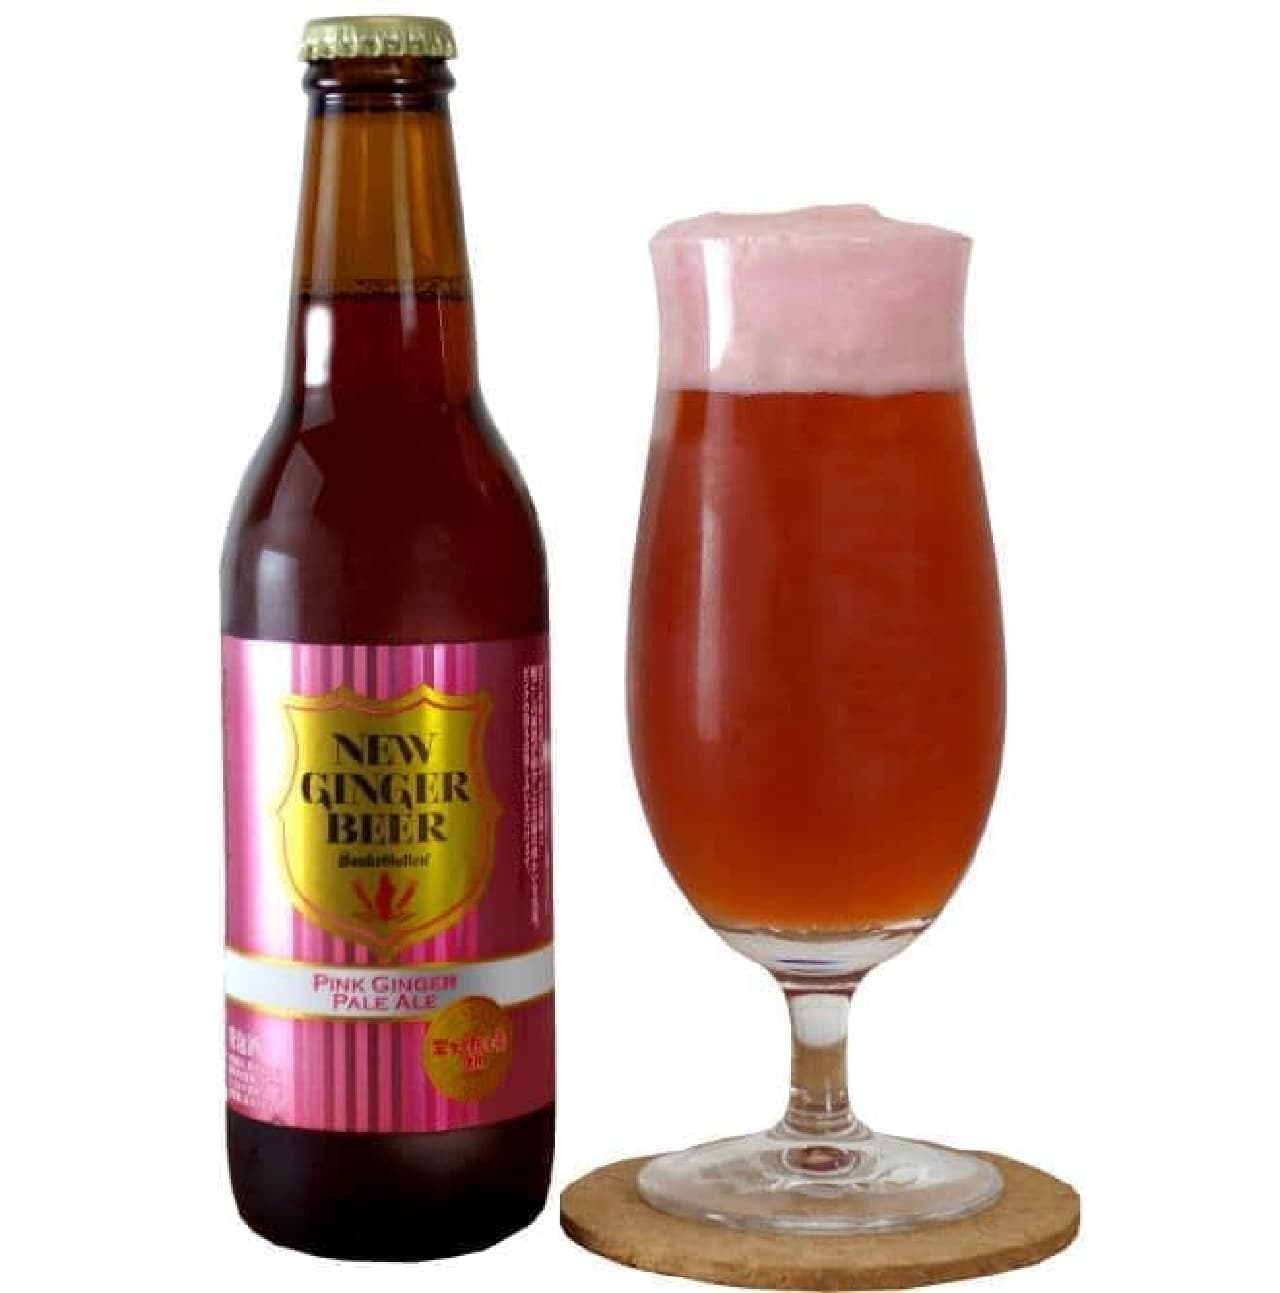 「NEW GINGER BEER」はアメリカンポップの華やかな香りと深いコクに岩下の新生姜の爽やかな風味と喉越しの刺激が融合されたビール